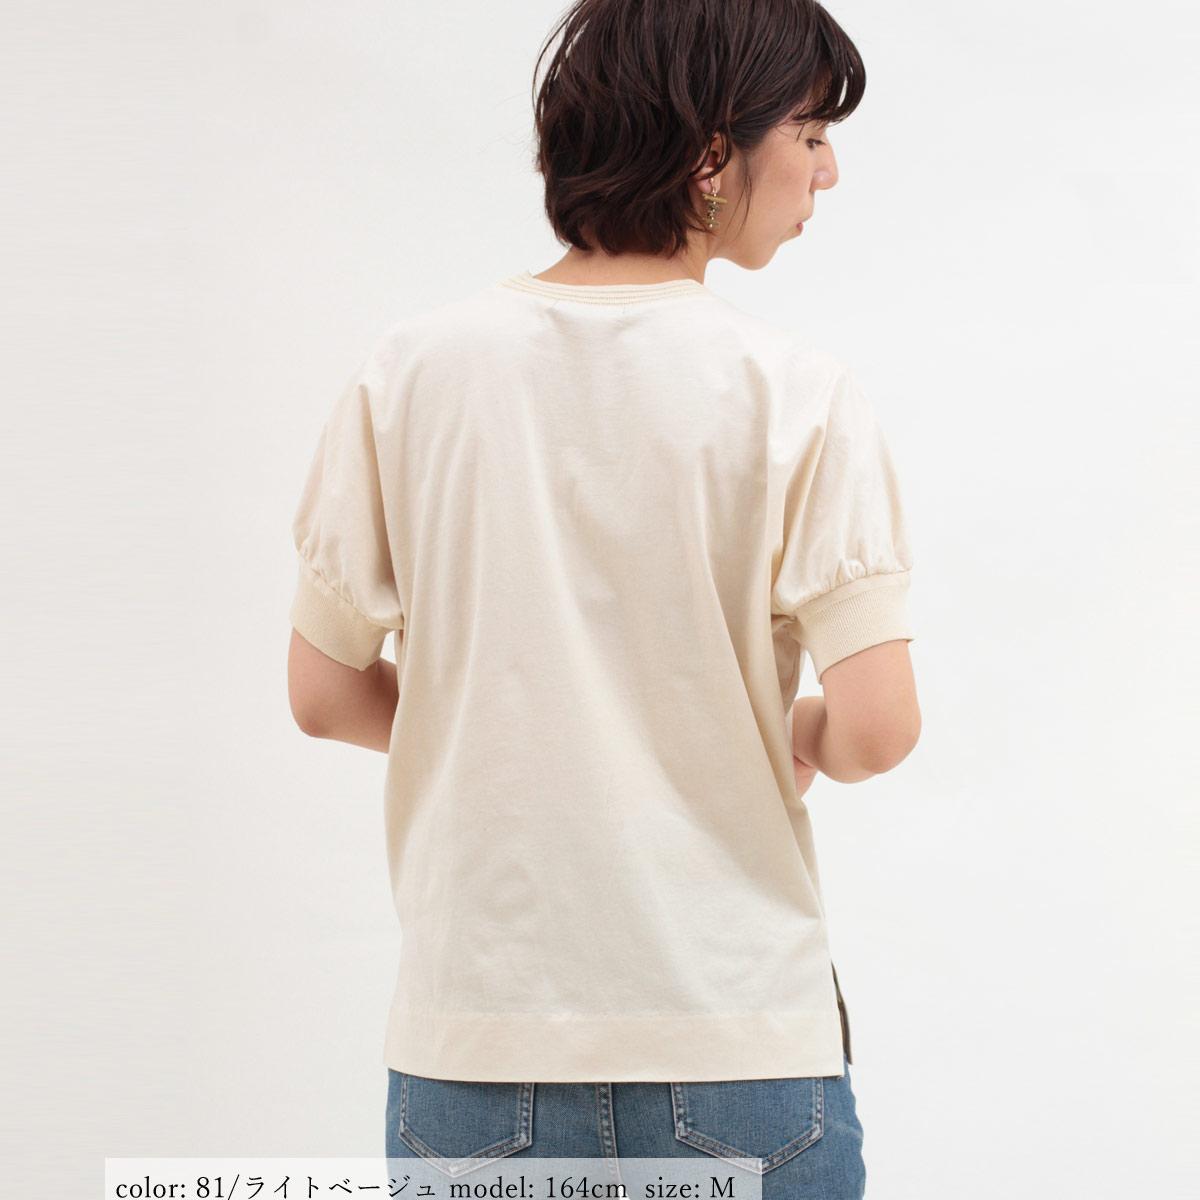 【2BUY15%OFF】ラウンドスリーブプルオーバー SCT119